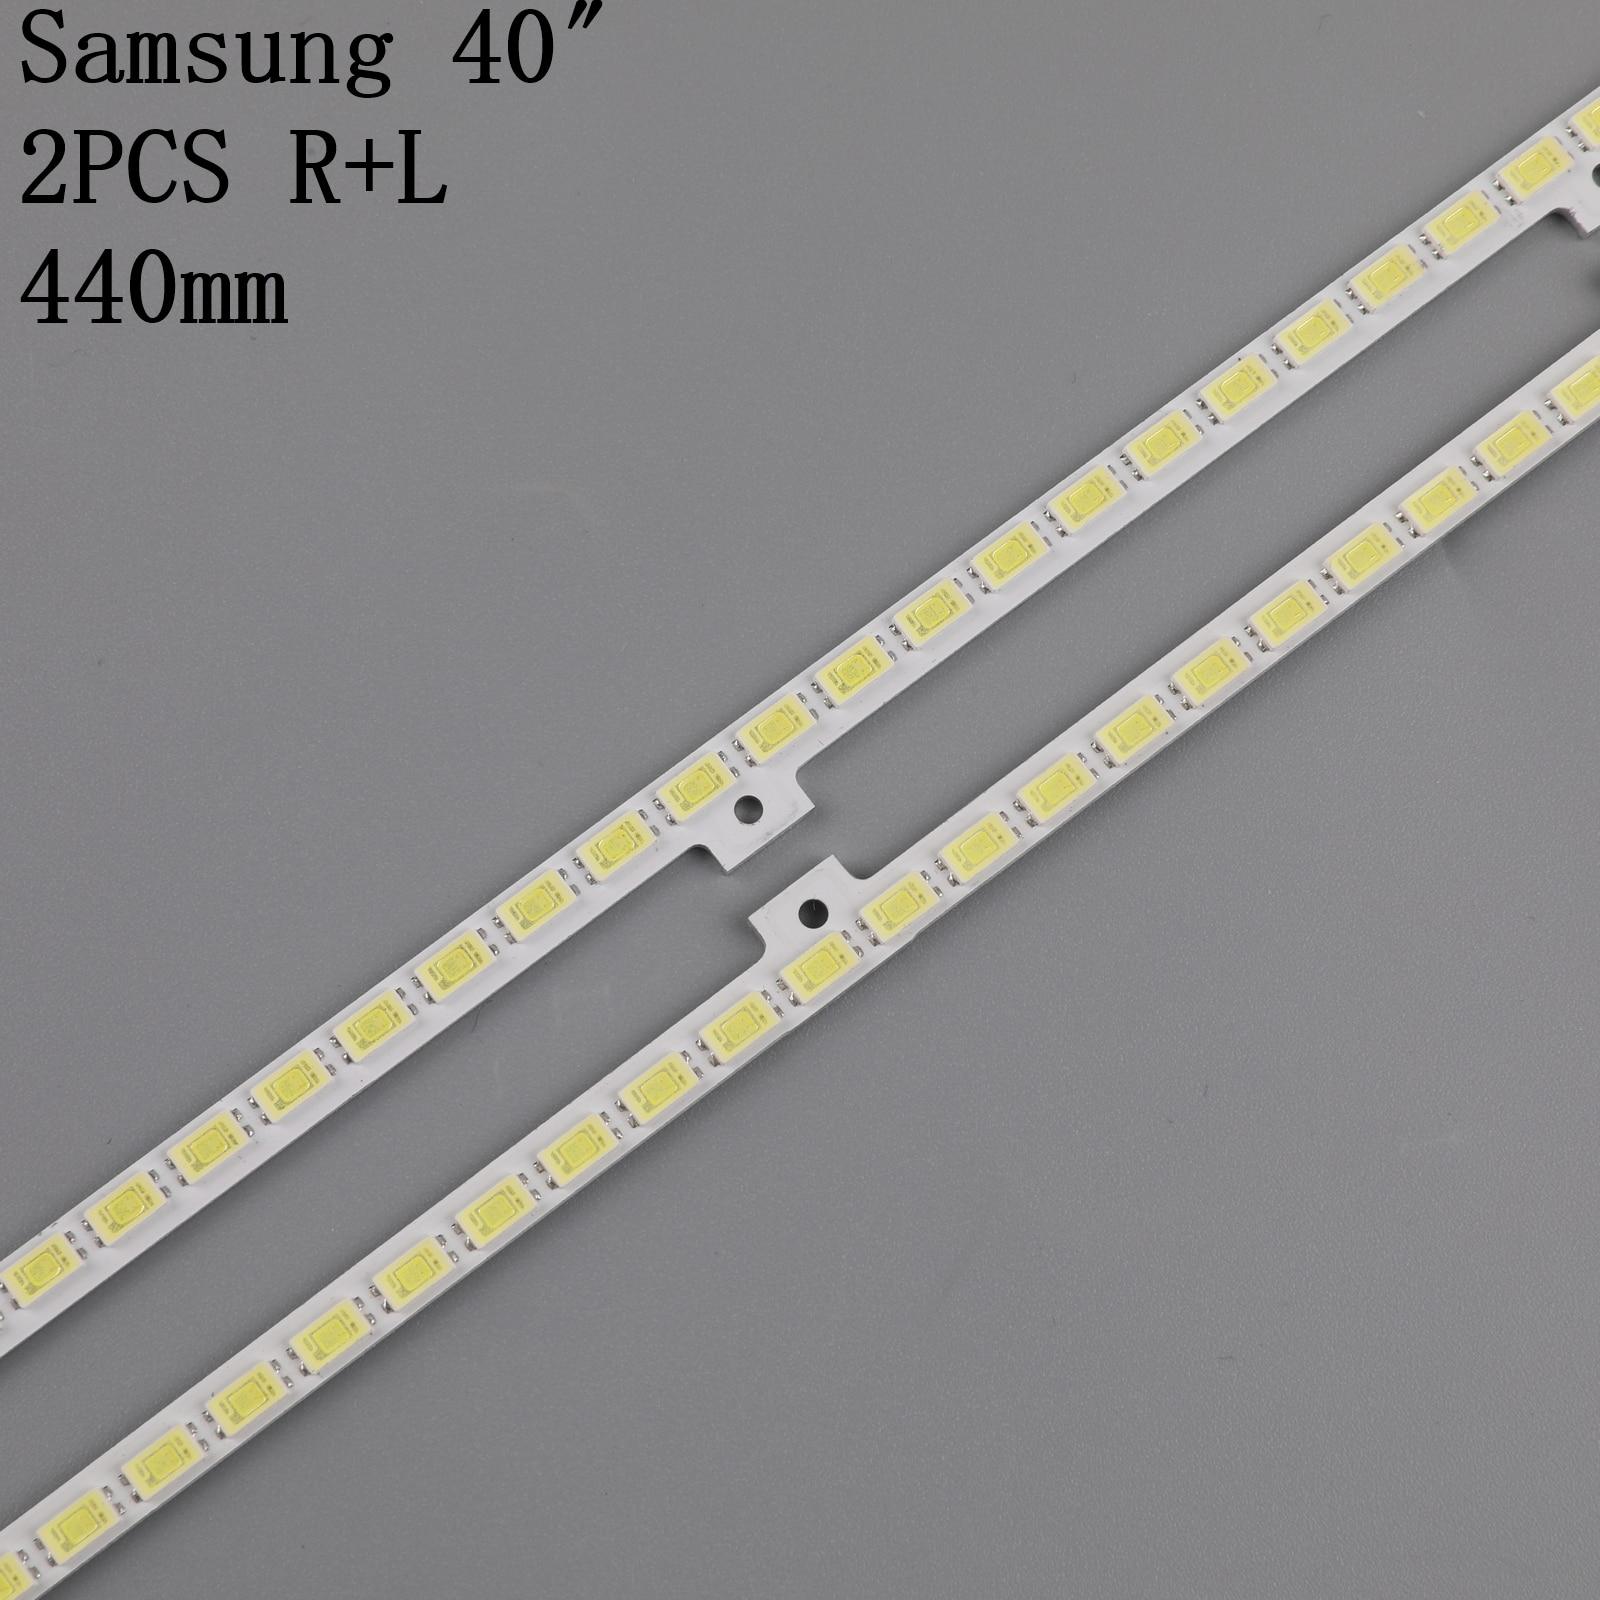 """18PCS Backlight strip For SamSung 40 """"TV UE40D5000 UA40D5000 BN64-01639A LTJ400HM03-h 2011SVS40 FHD 5K6KH1 UE40D5700 UE40D6100 enlarge"""